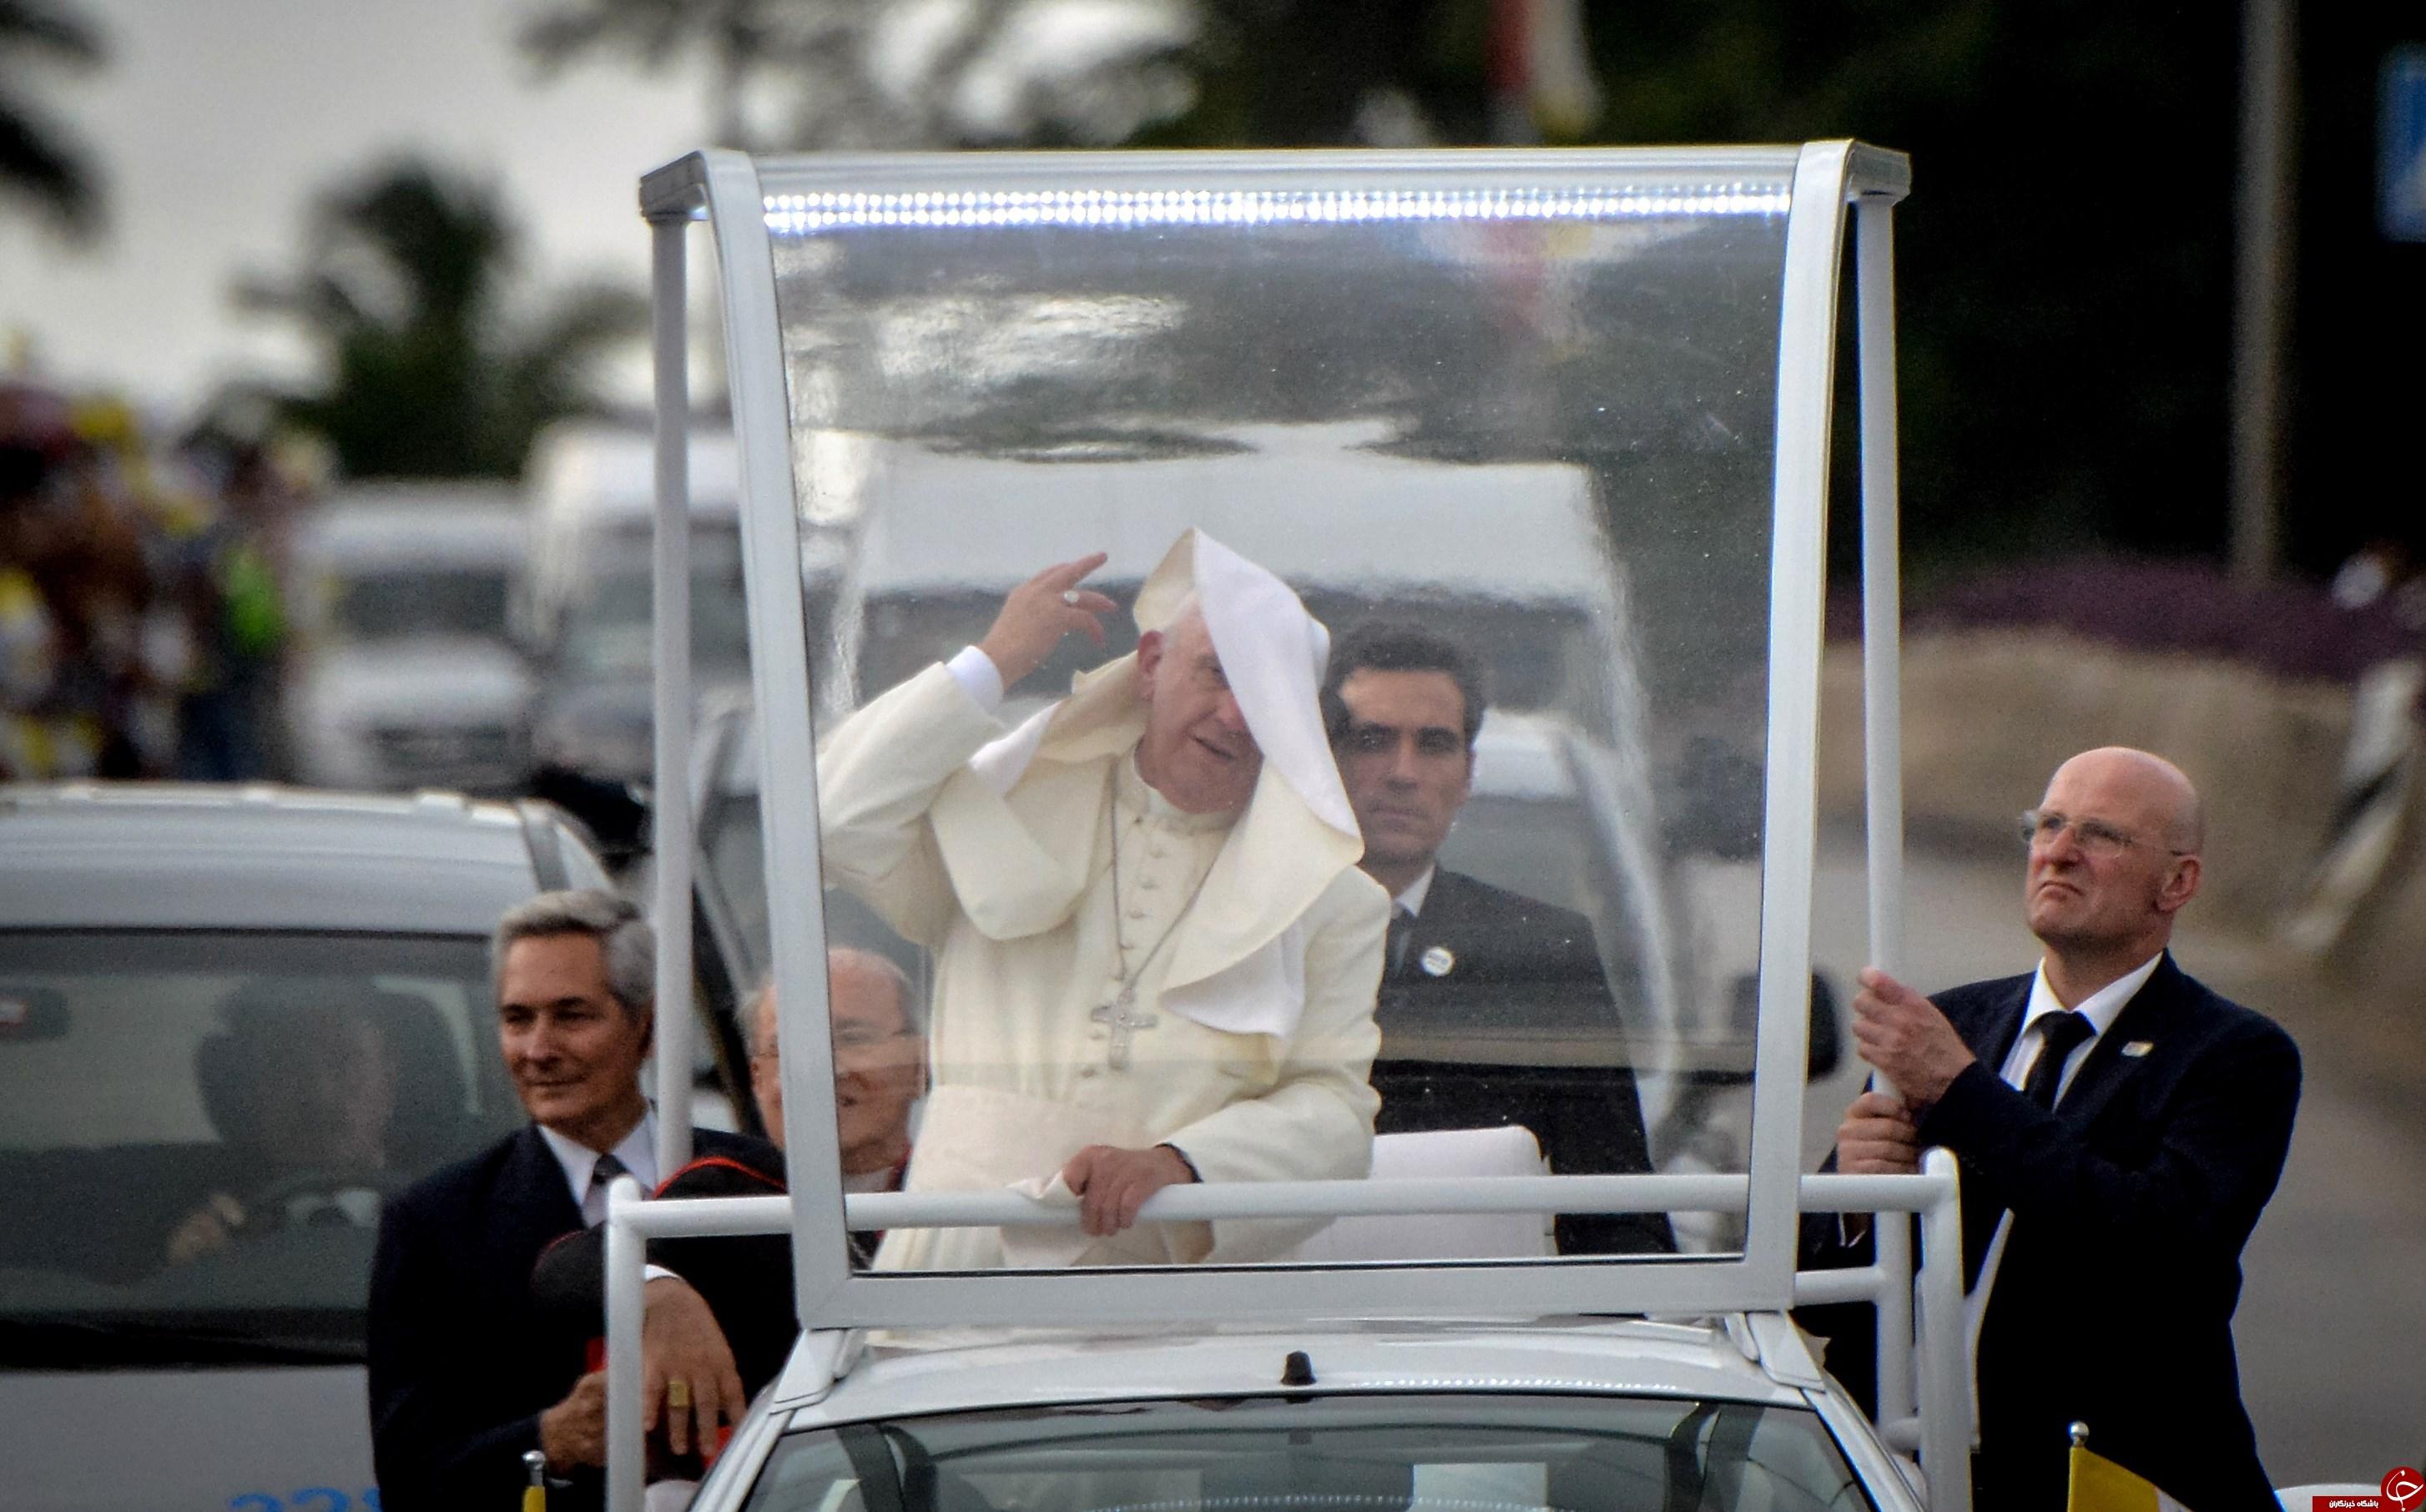 جنجالی ترین عکس پاپ در فضای مجازی